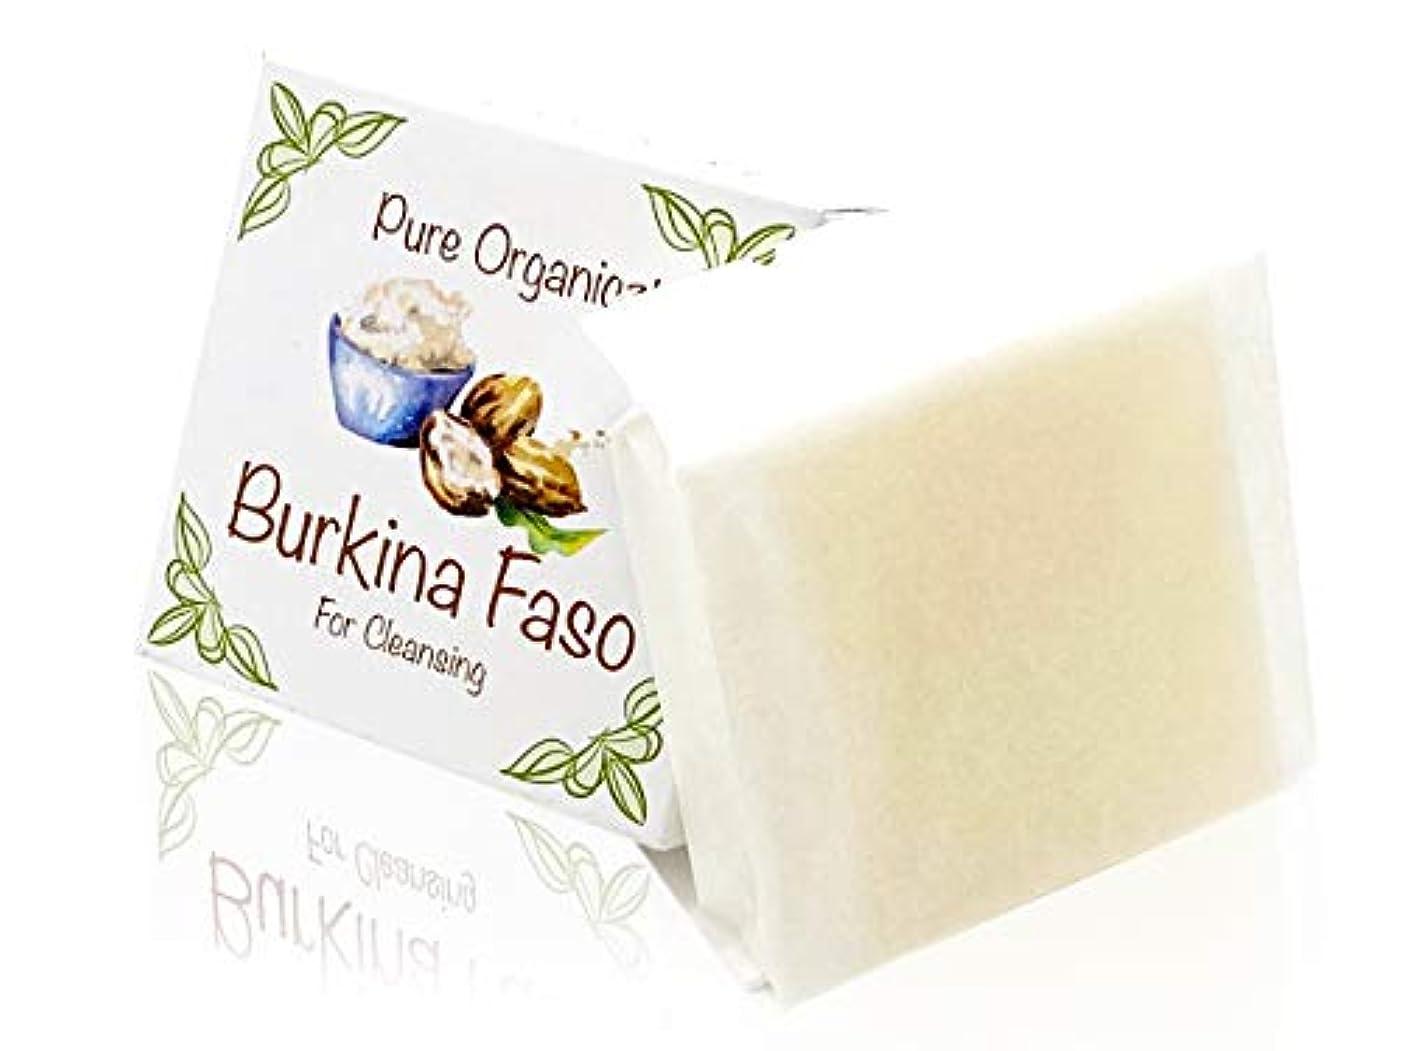 電信ビジネス全くシアバター 洗顔用石鹸 Burkina Faso Pure Organiczt 『無添加?毛穴?美白?保湿』